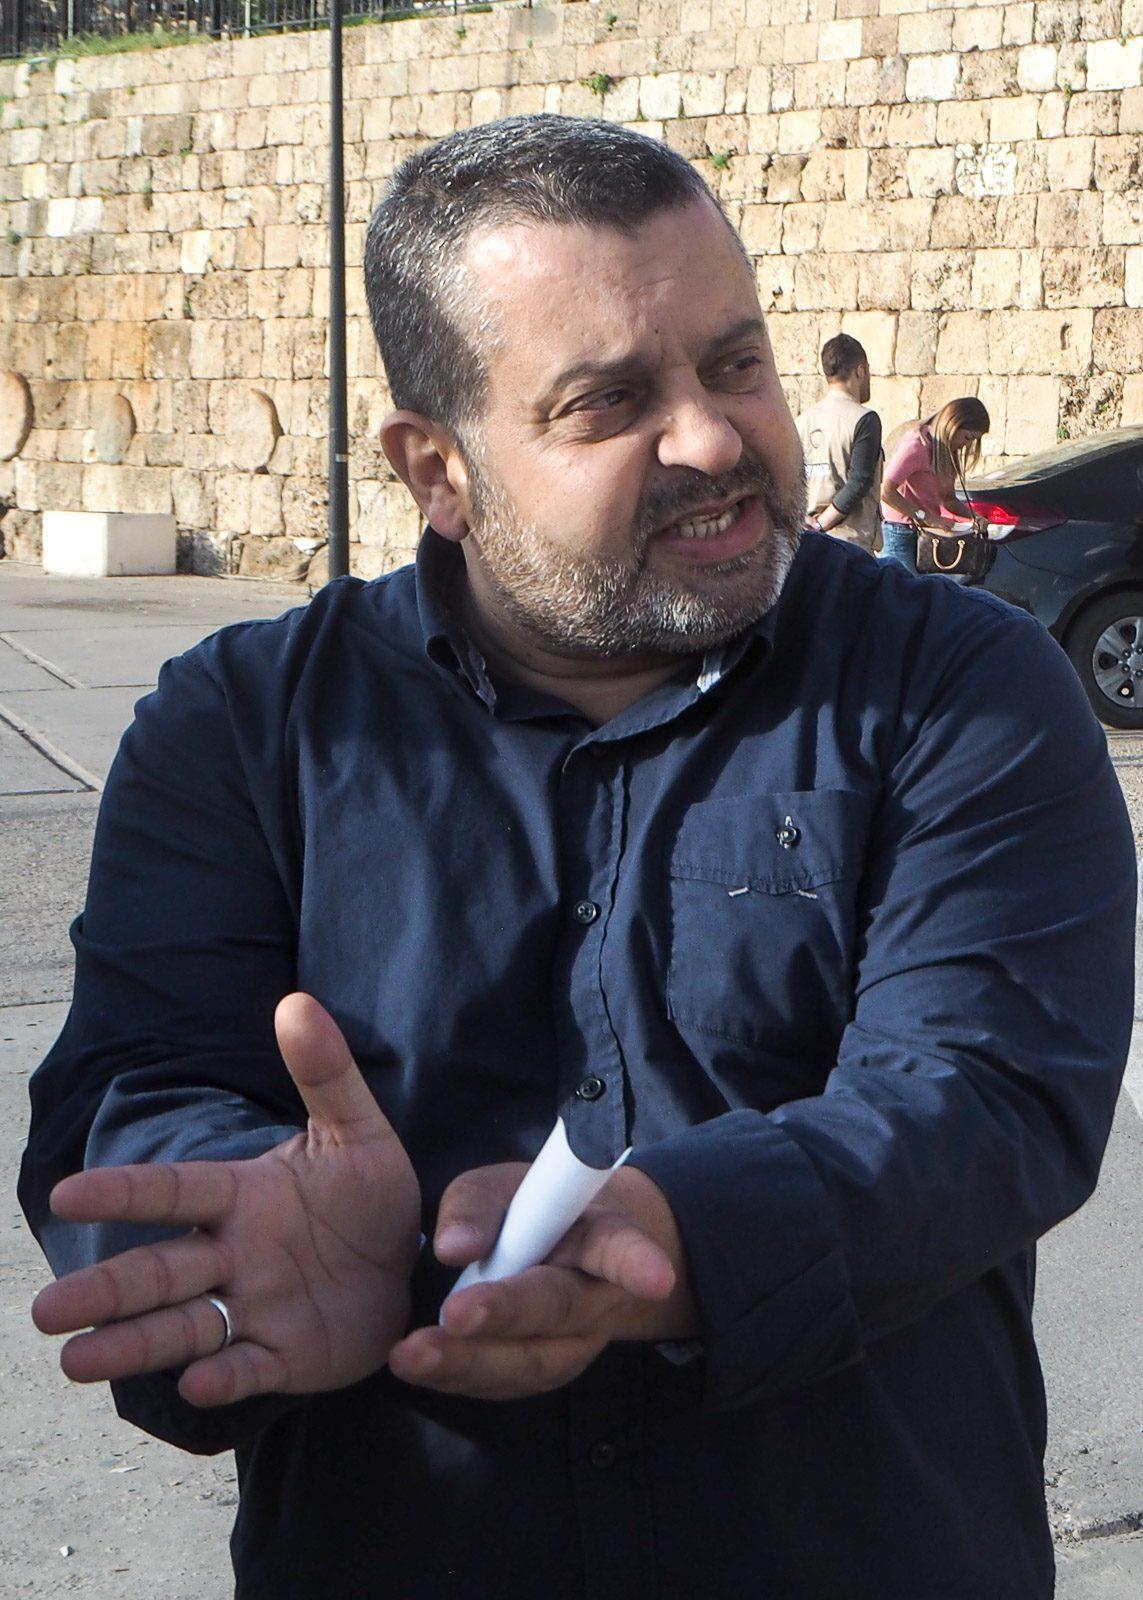 Libanon paikallisopas